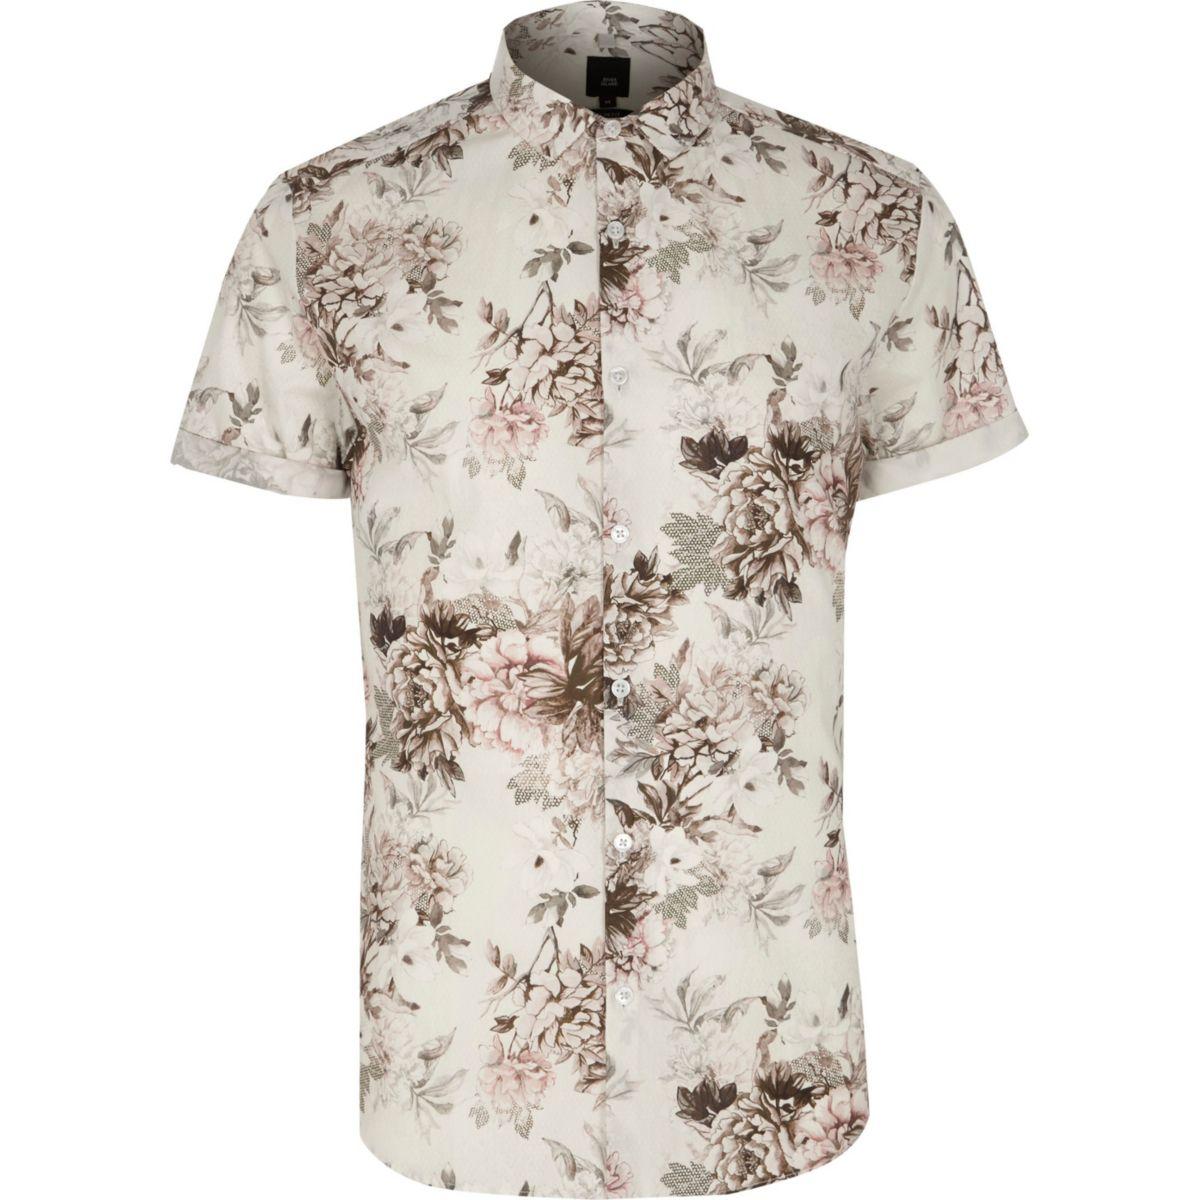 Big and Tall - Crème overhemd met korte mouwen en bloemenprint